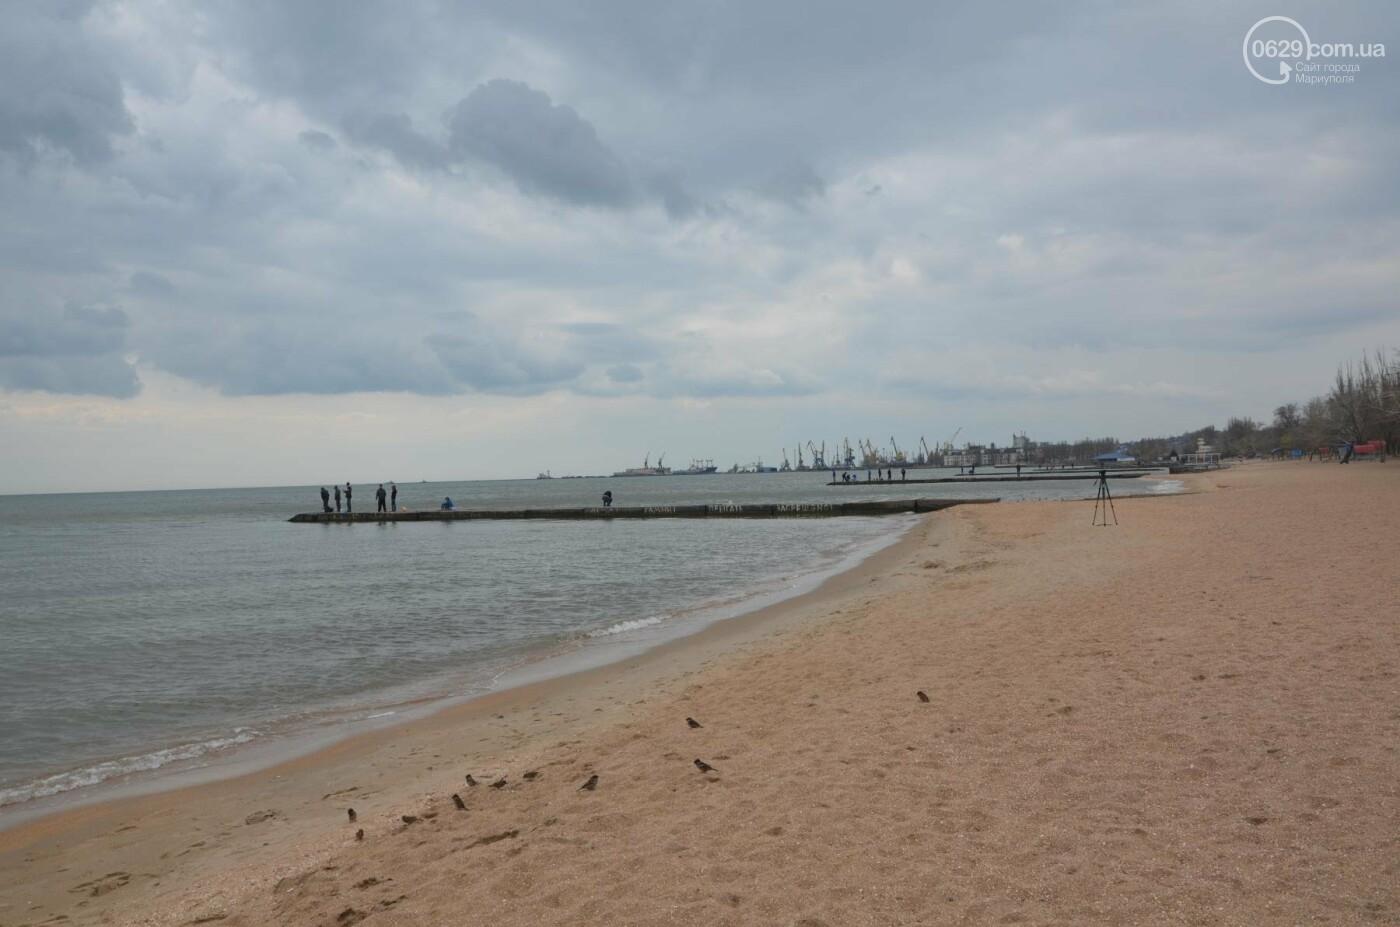 Пляжи Мариуполя откроются 15 мая (ФОТО, ВИДЕО), фото-3